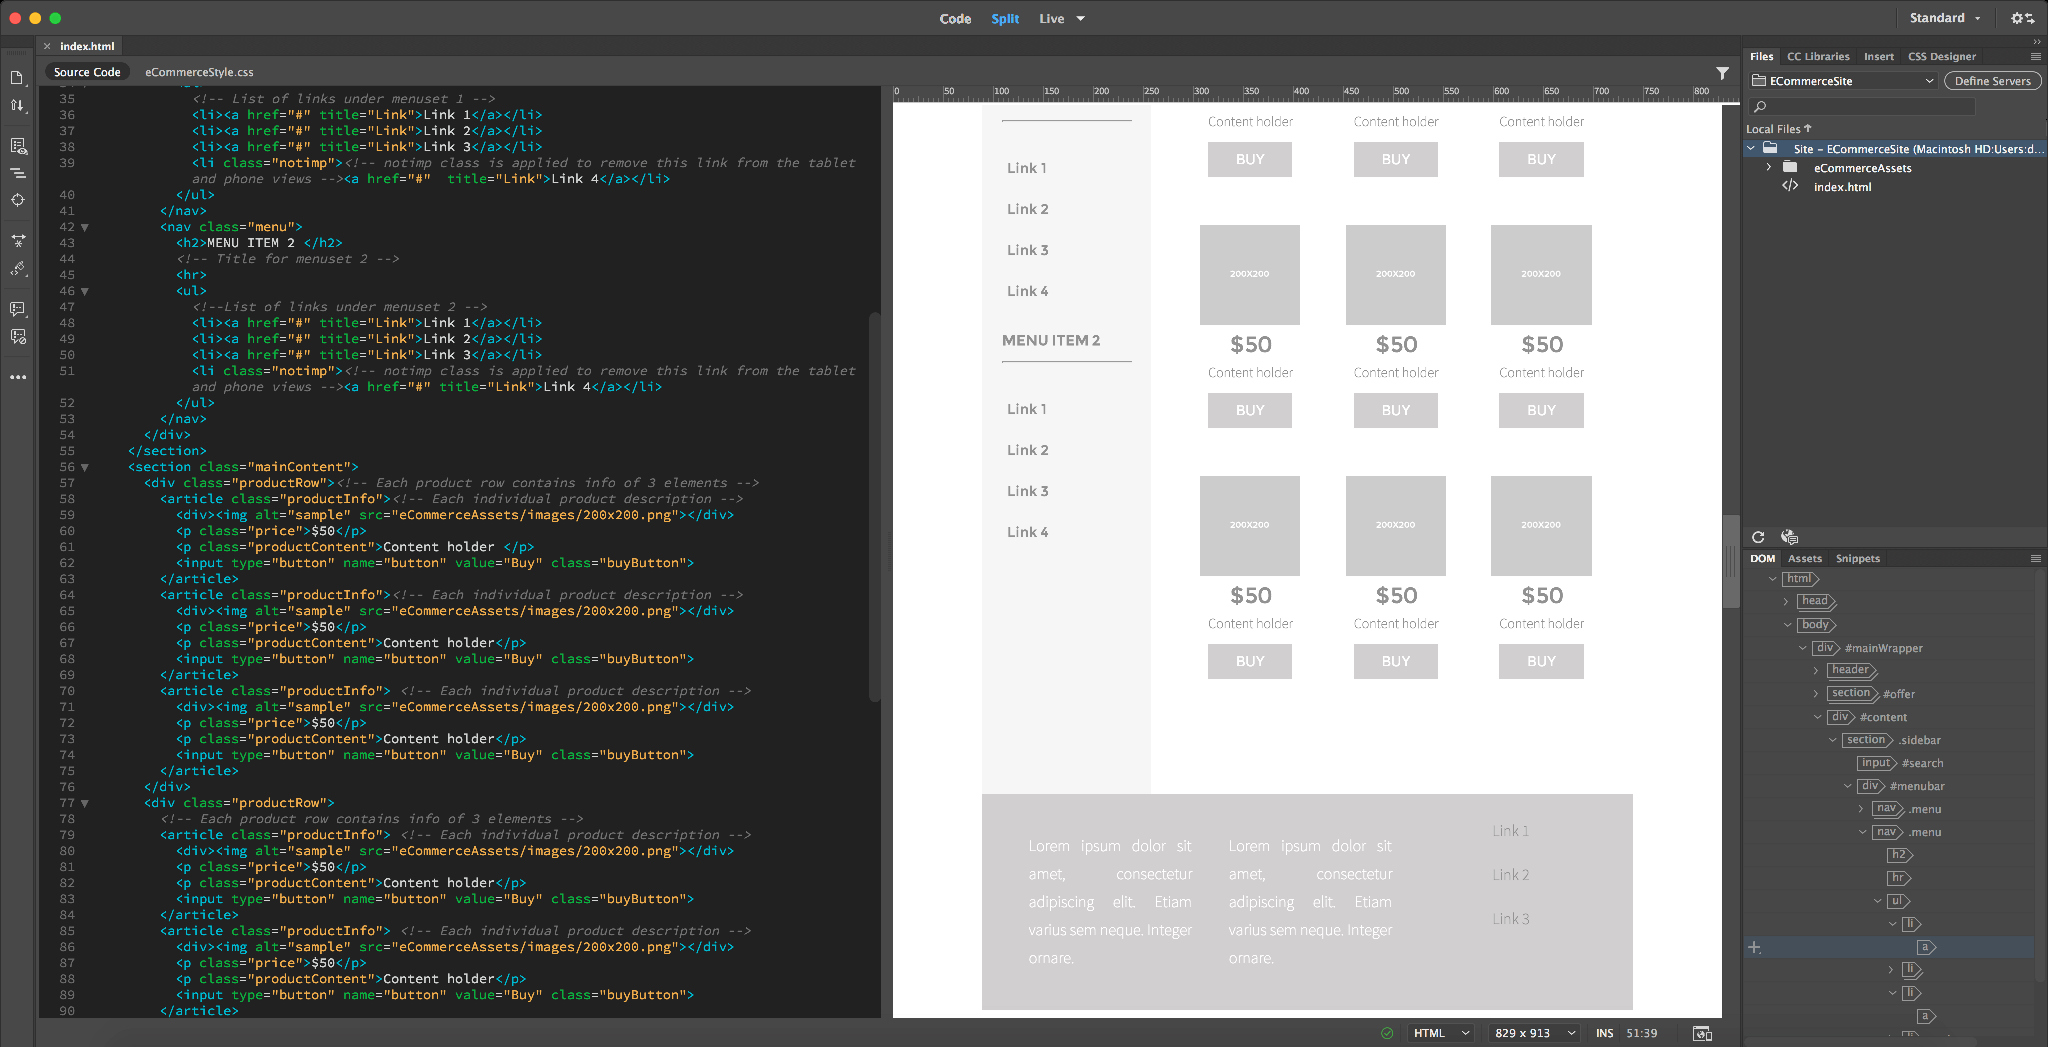 Sito web con Adobe Dreamweaver: Vantaggi e Svantaggi